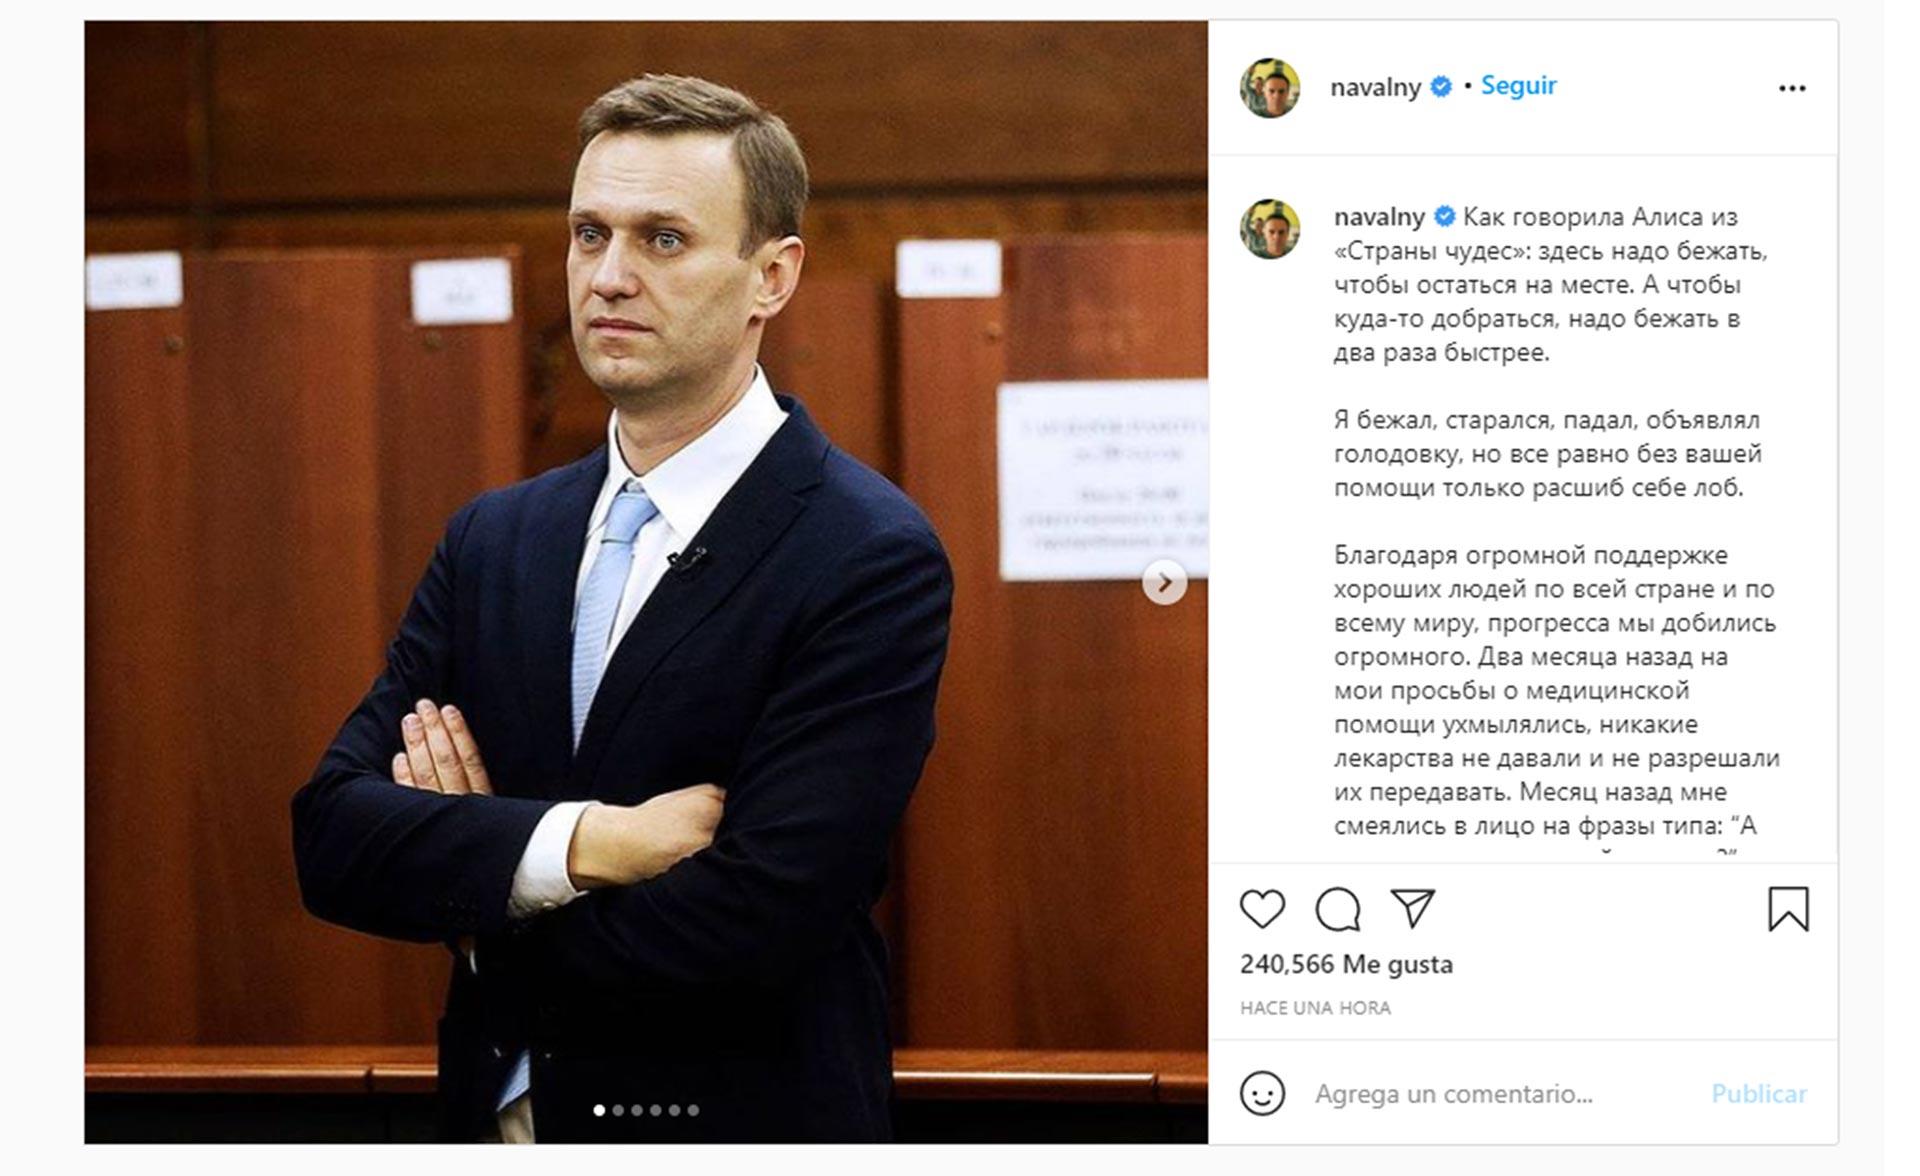 El opositor ruso Alexei Navalny levantó la huelga de hambre en la cárcel